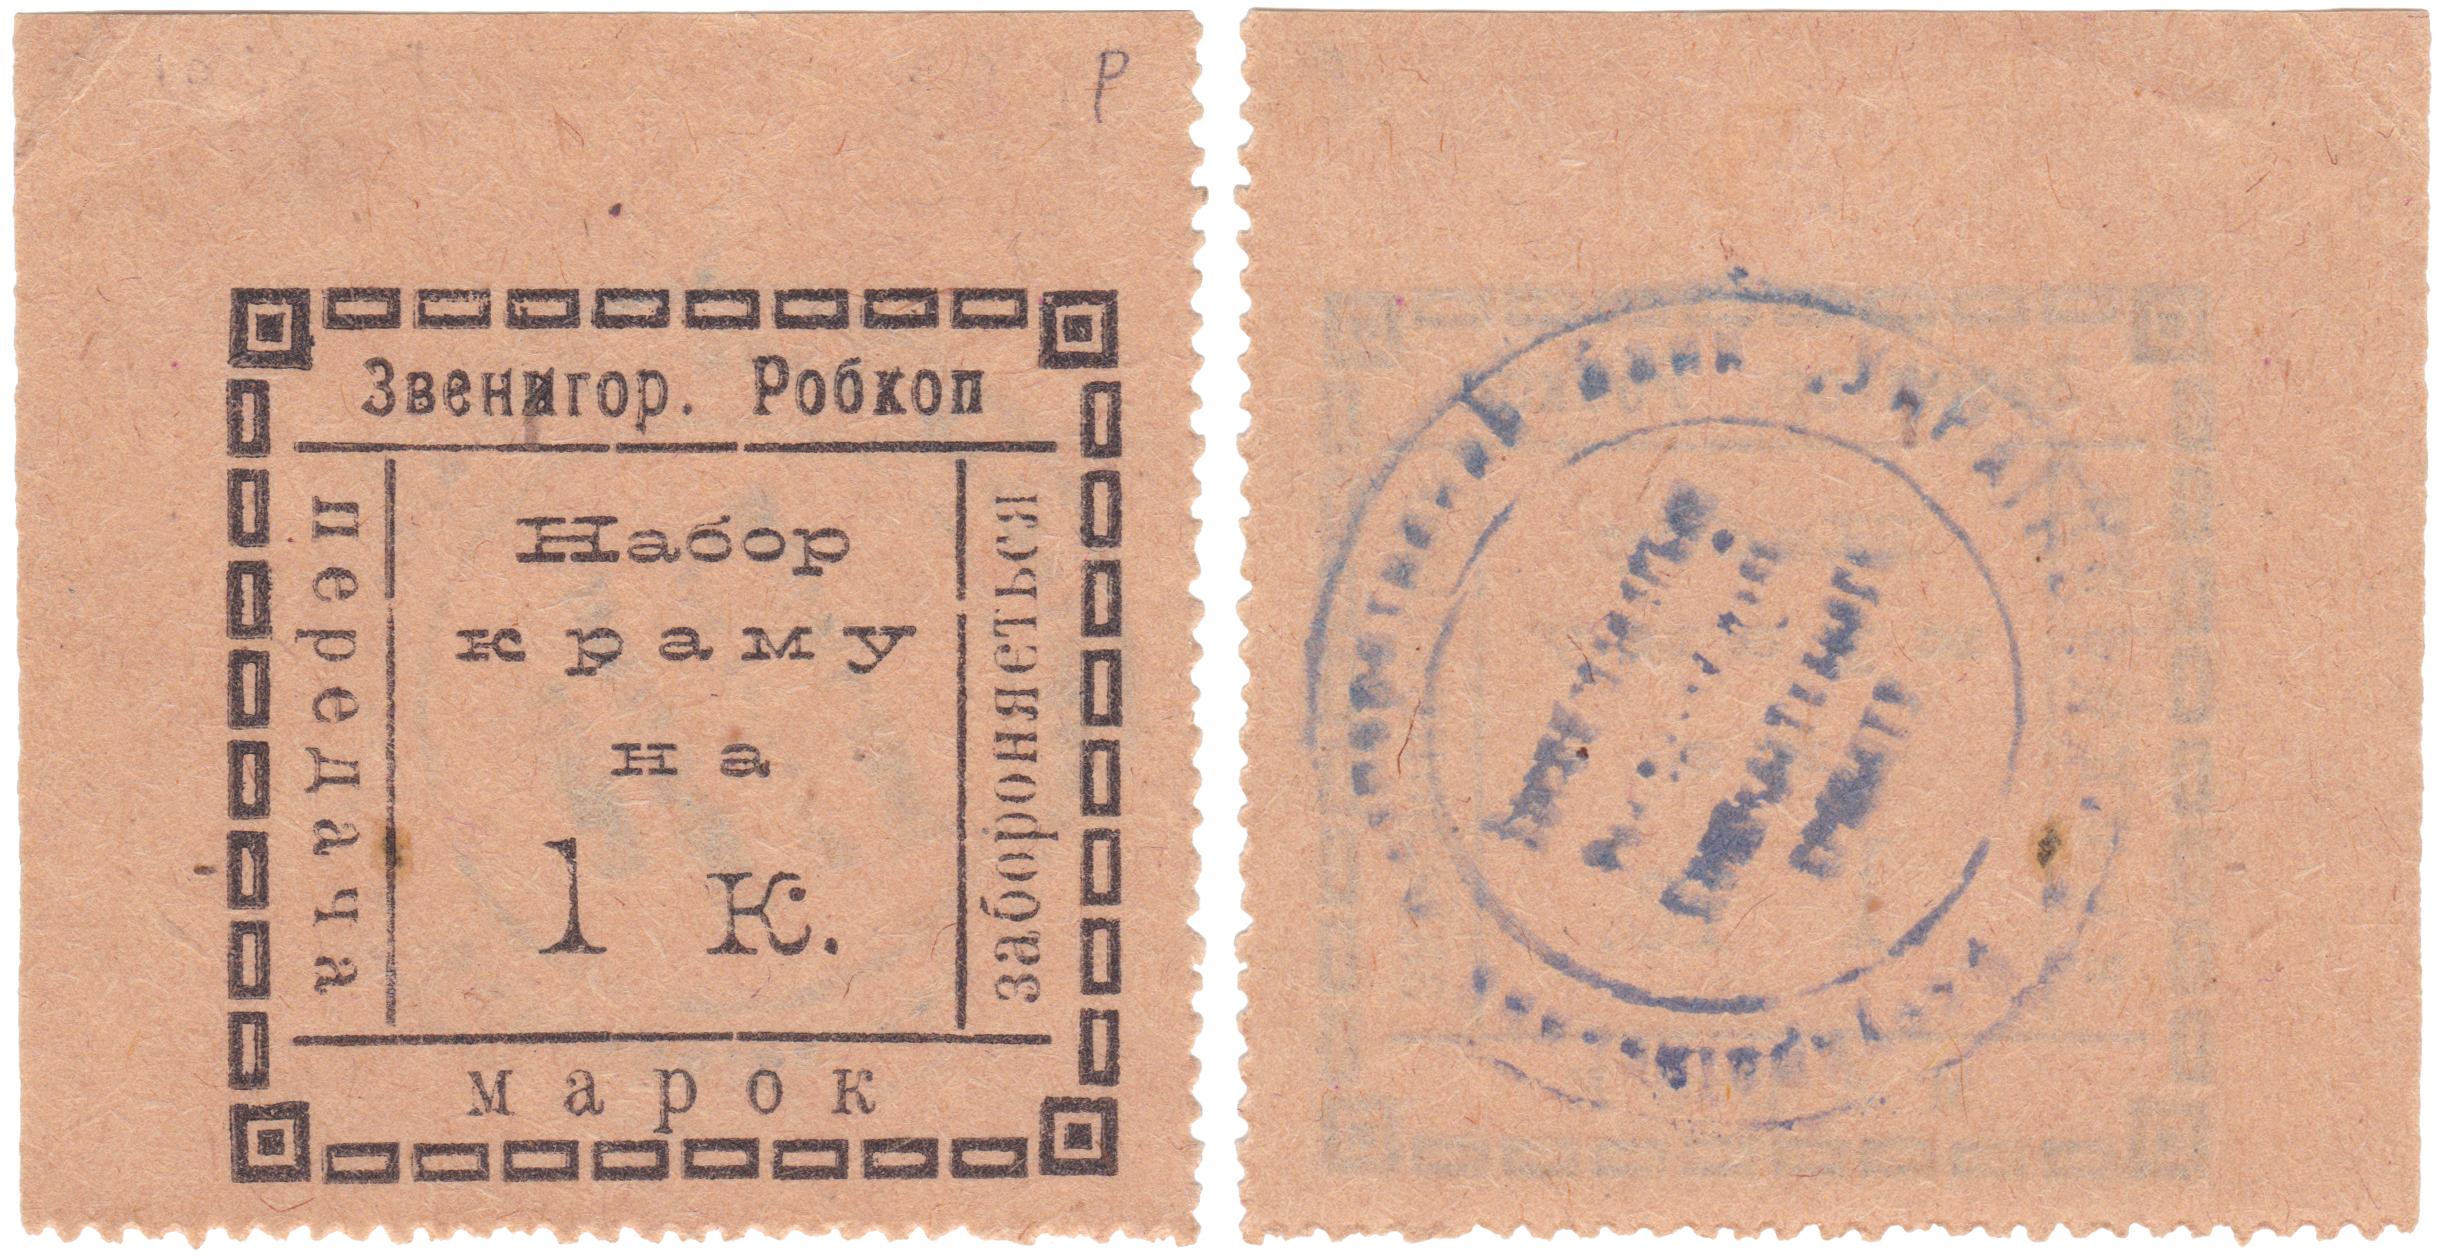 Марка набор товара на 1 копейку 1919 год. Звенигородский Робкоп, Черкасская область.